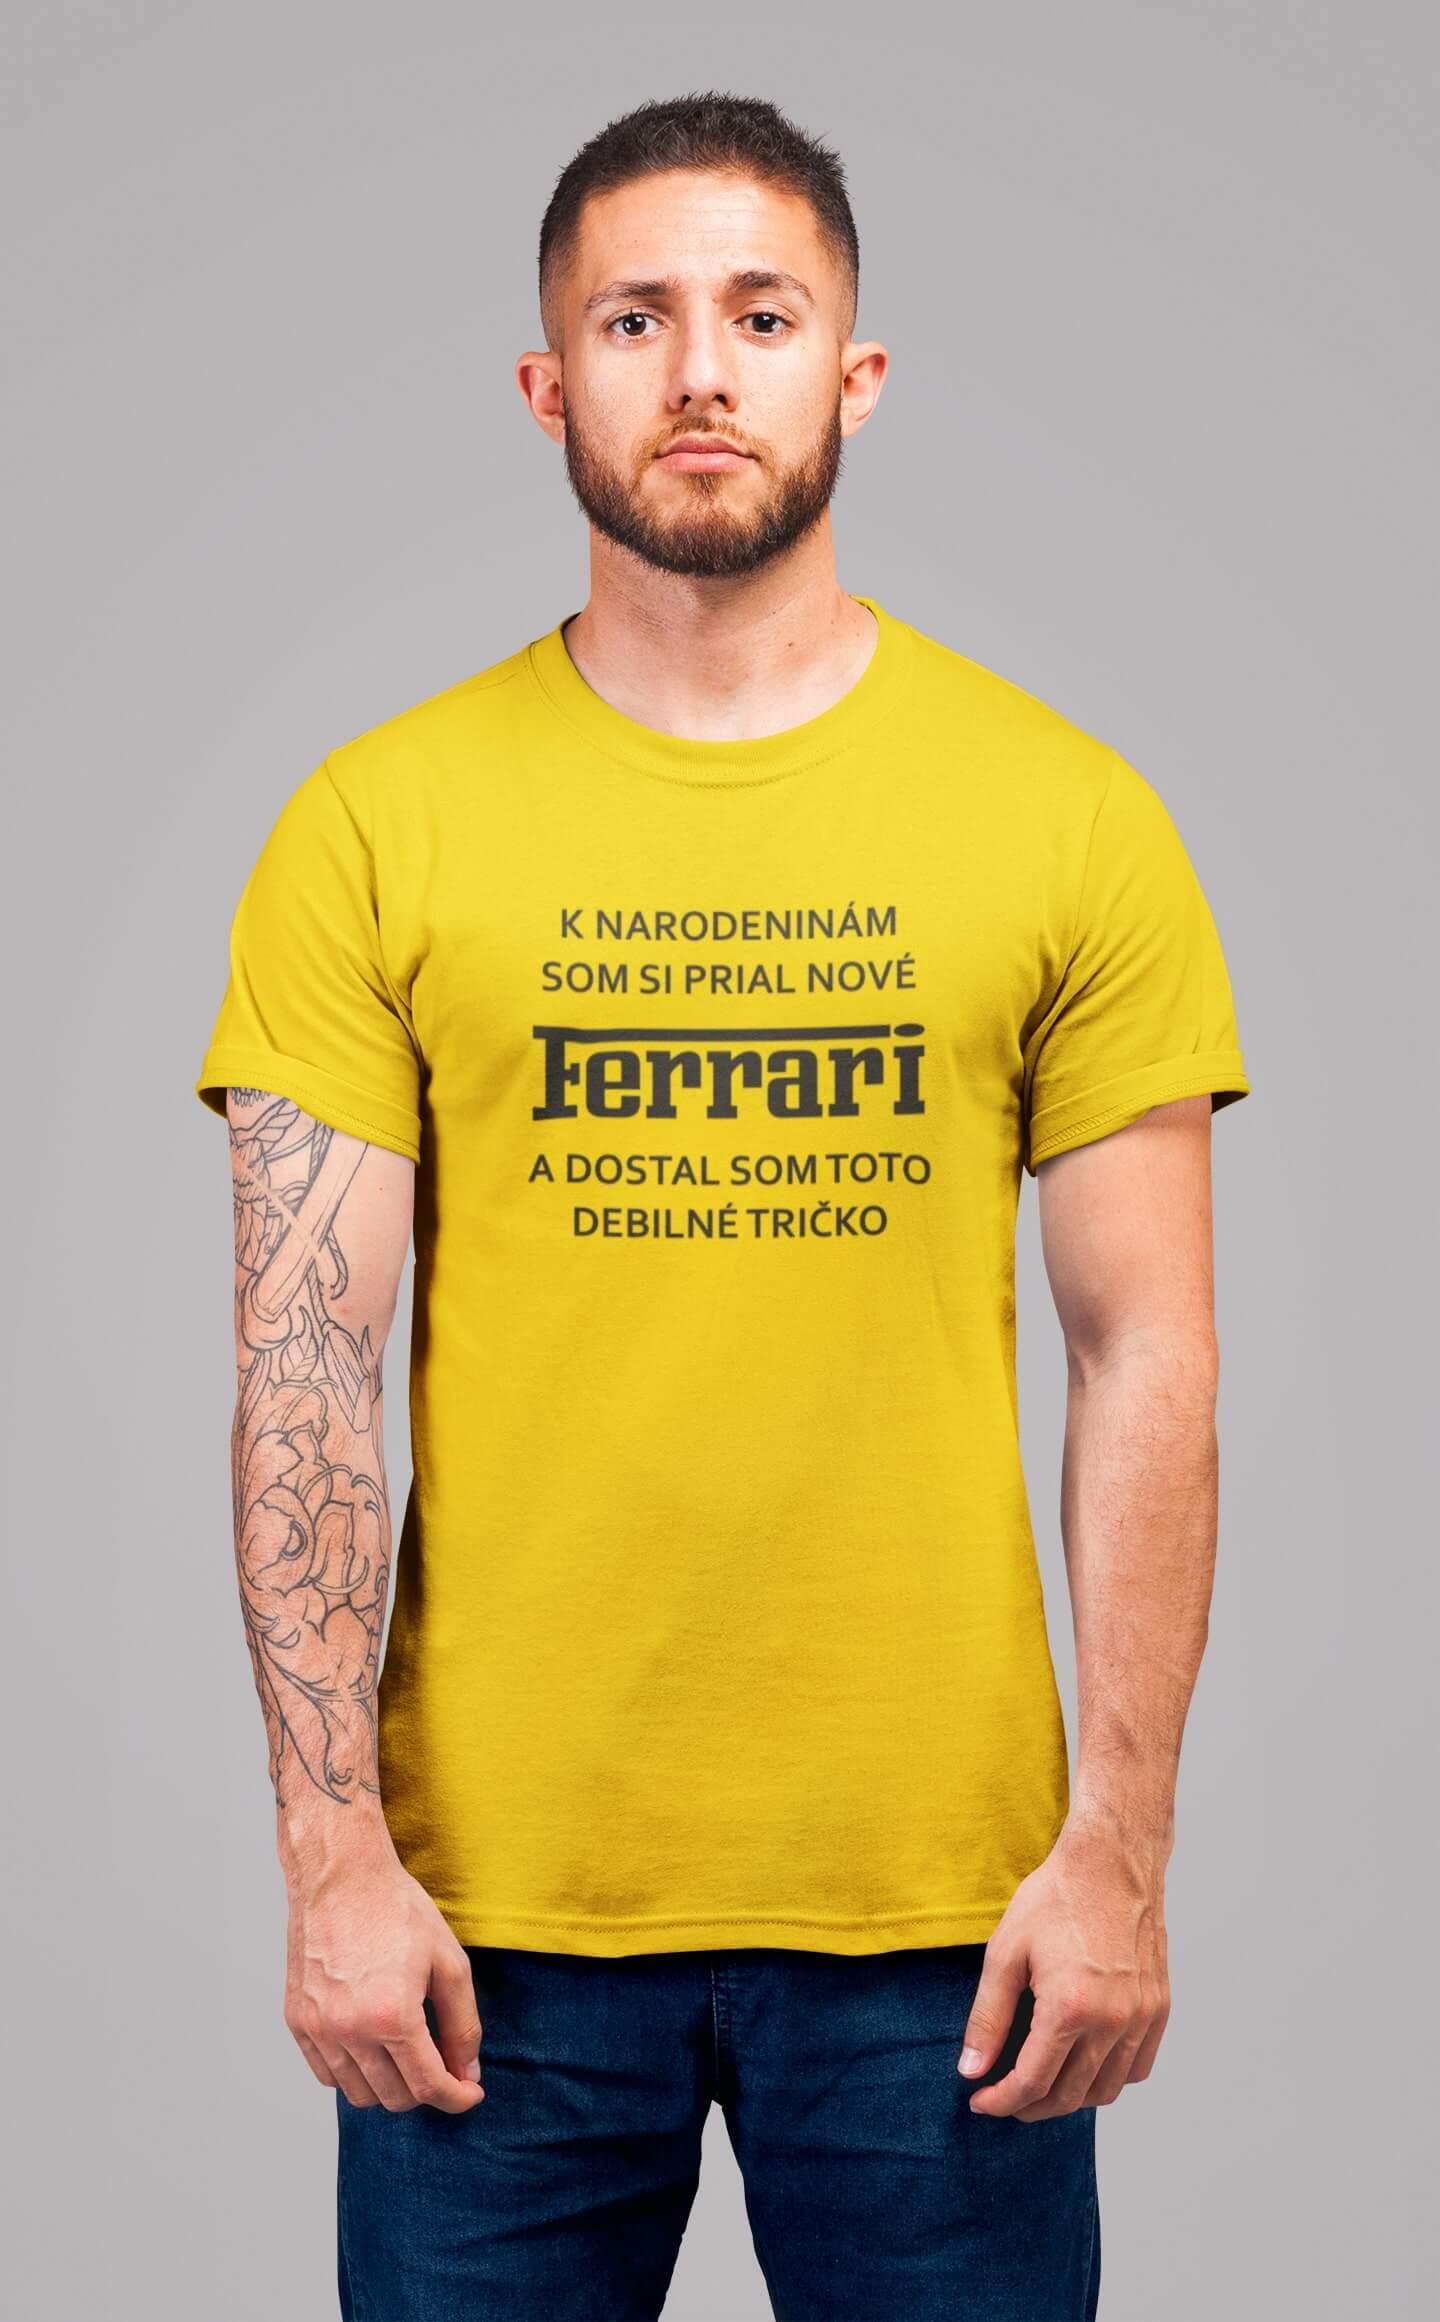 MMO Pánske tričko FERRARI Vyberte farbu: Žltá, Pánska veľkosť: S